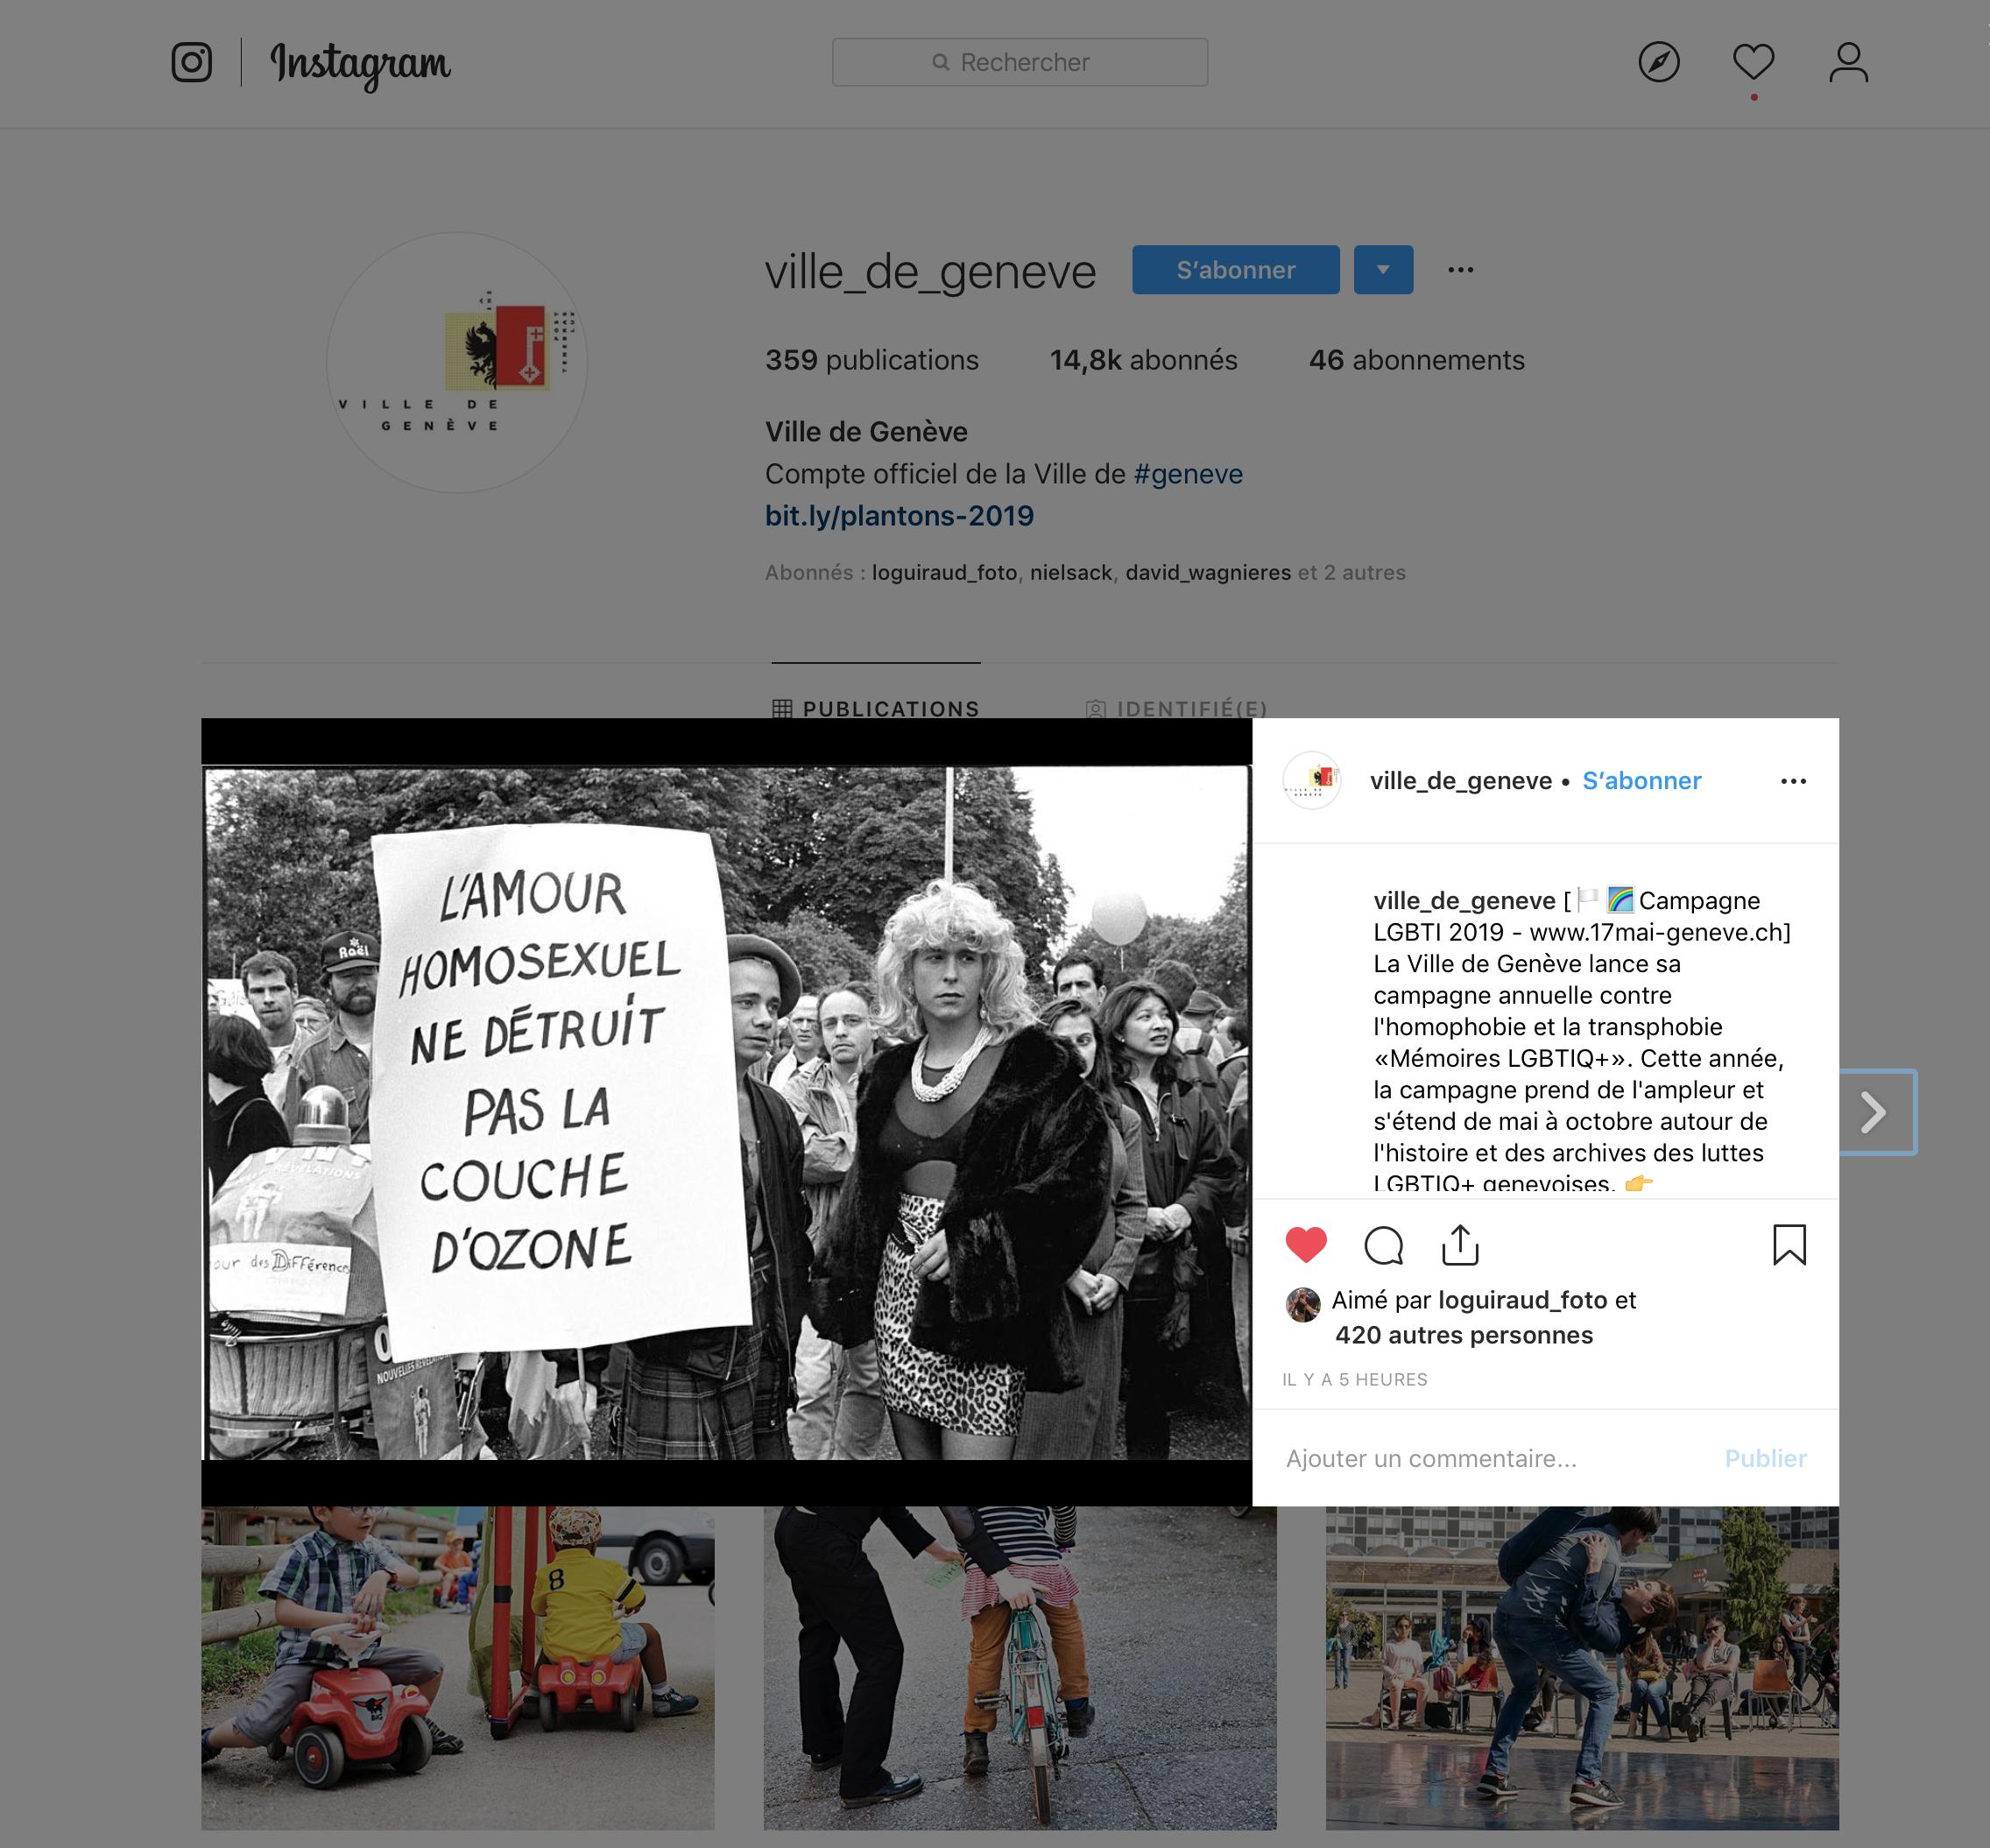 Vile de Genève. Instagram. Campagne LGBTI 2019 .(click image to enlarge)